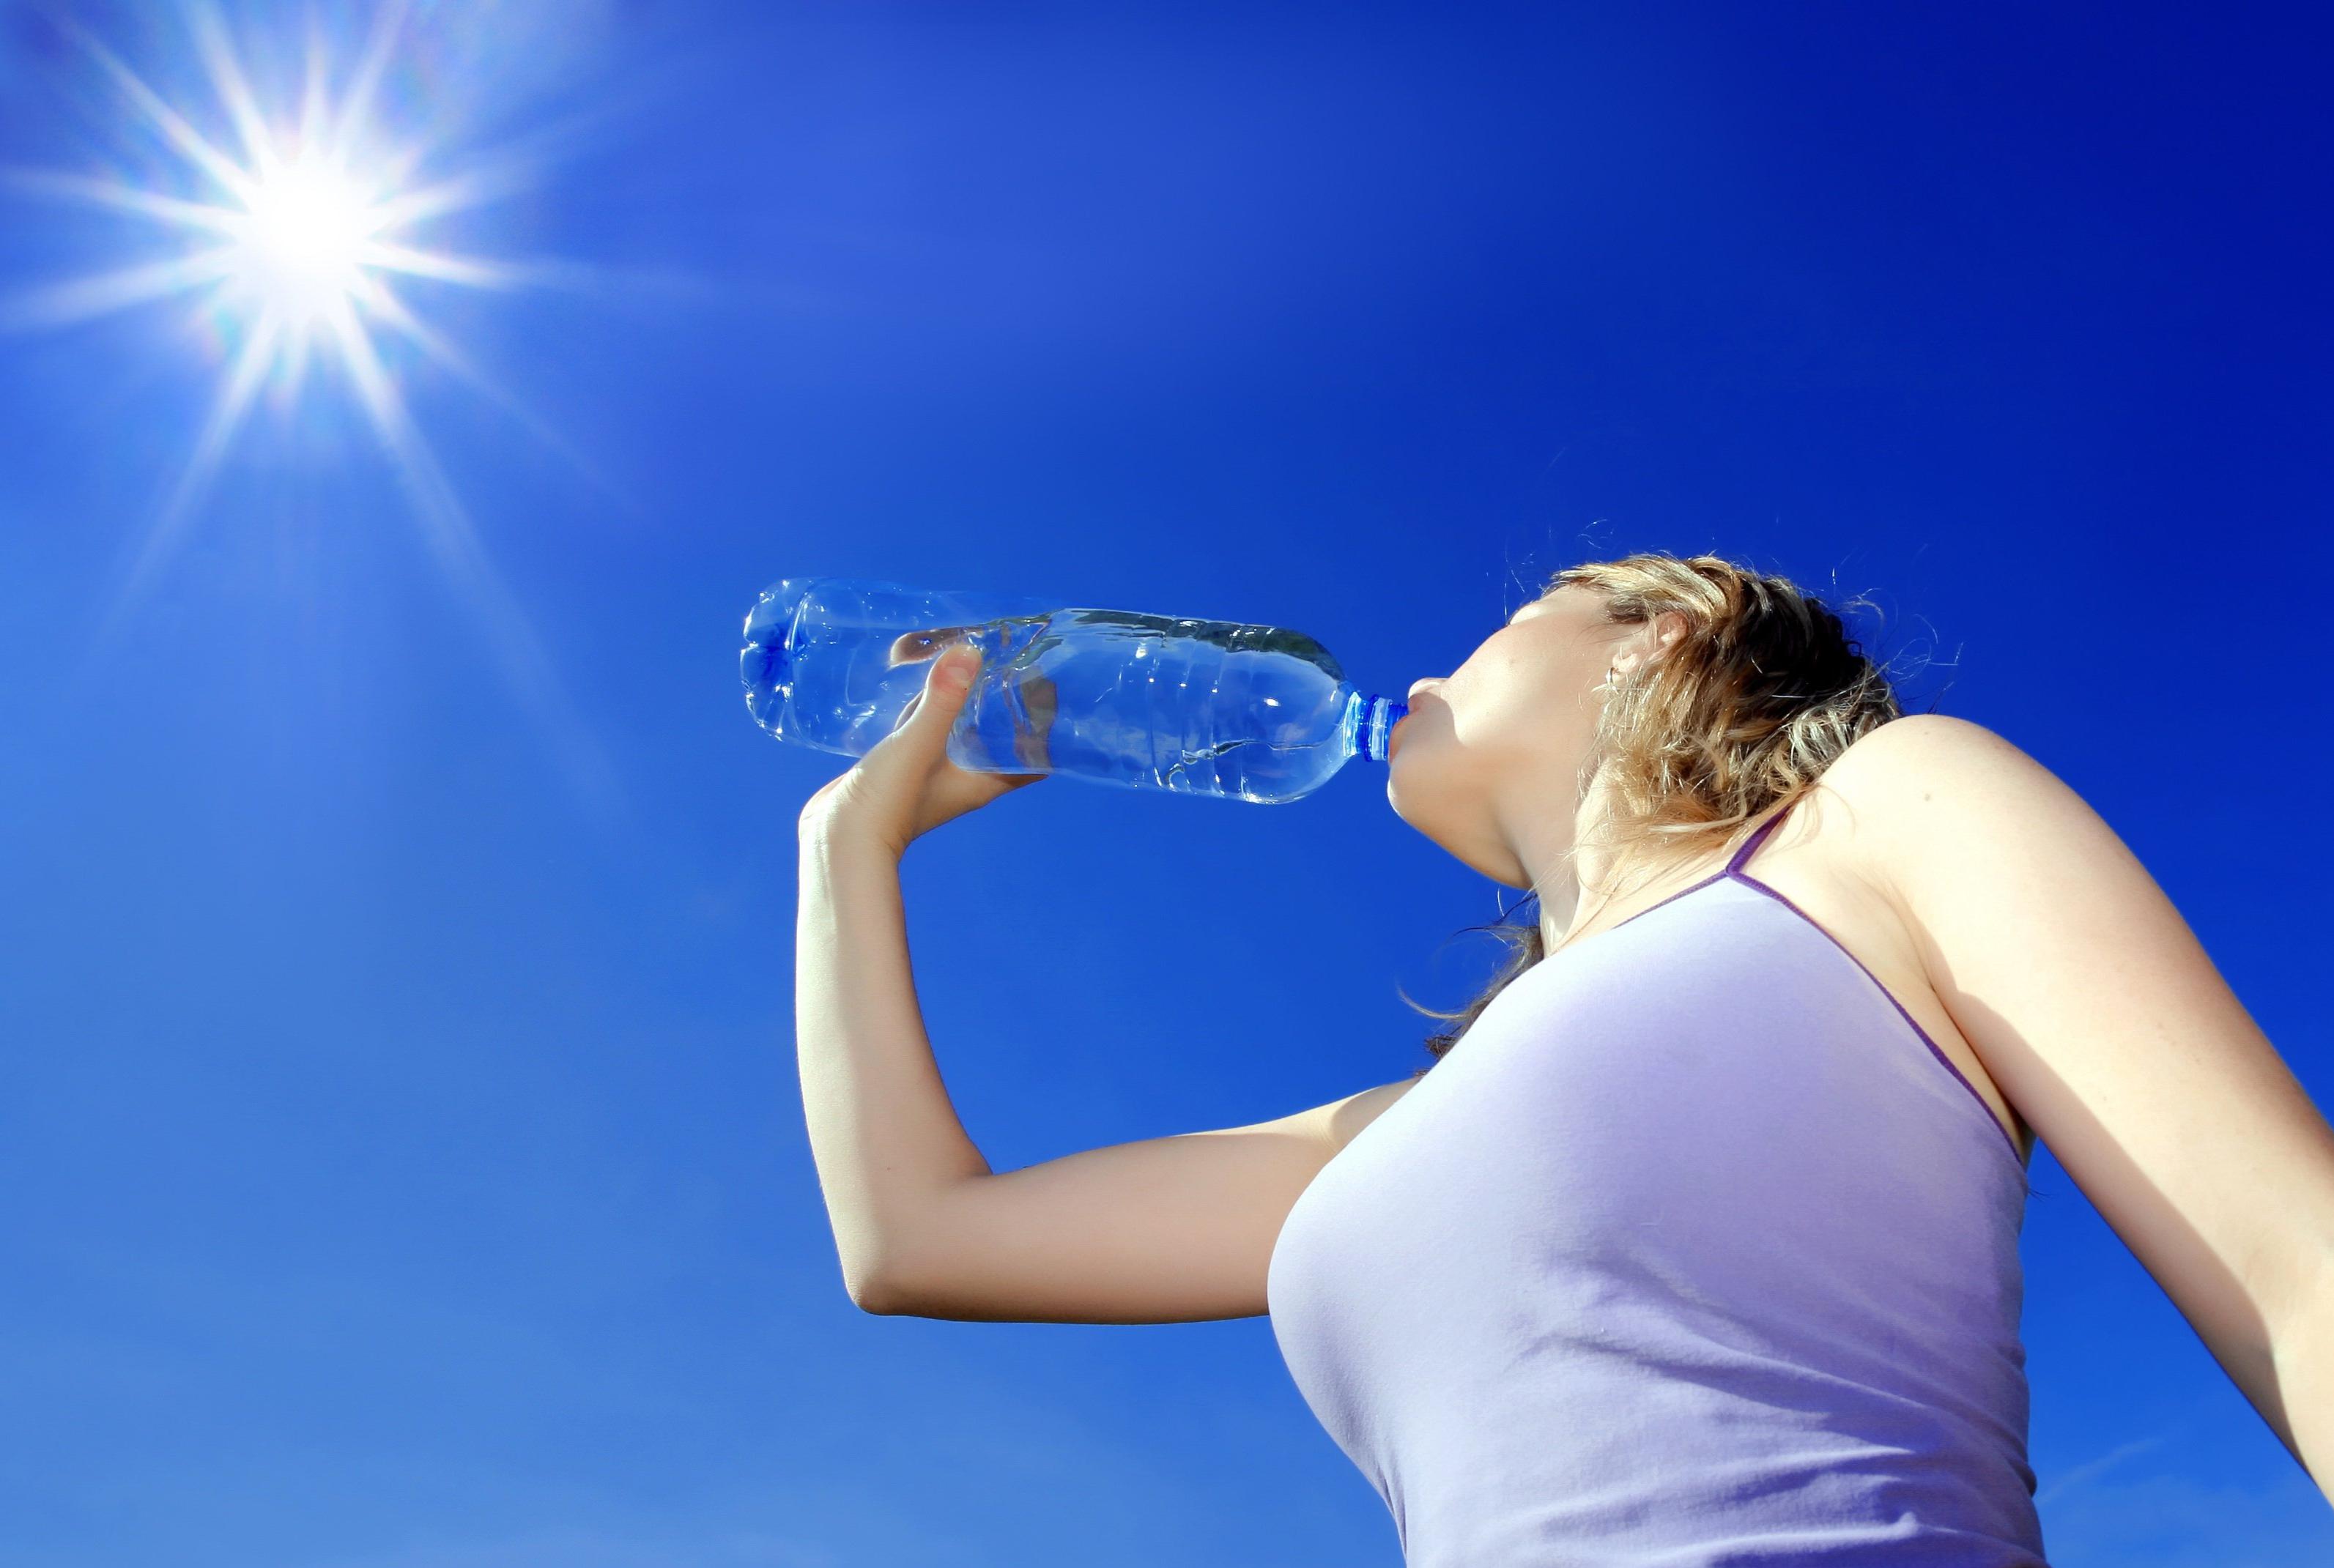 Как похудеть надо пить воду